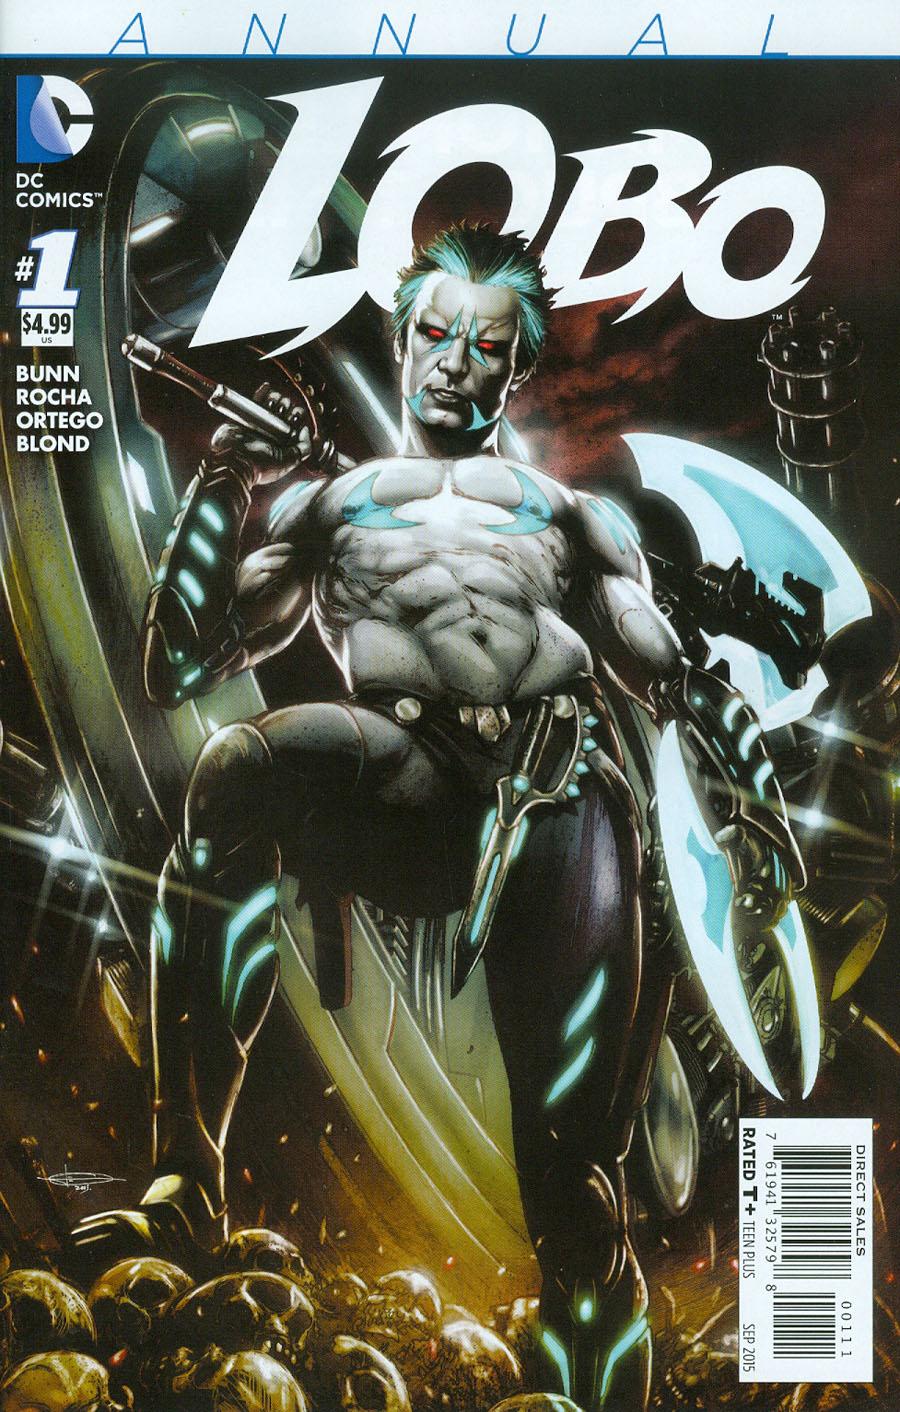 Lobo Vol 3 Annual #1